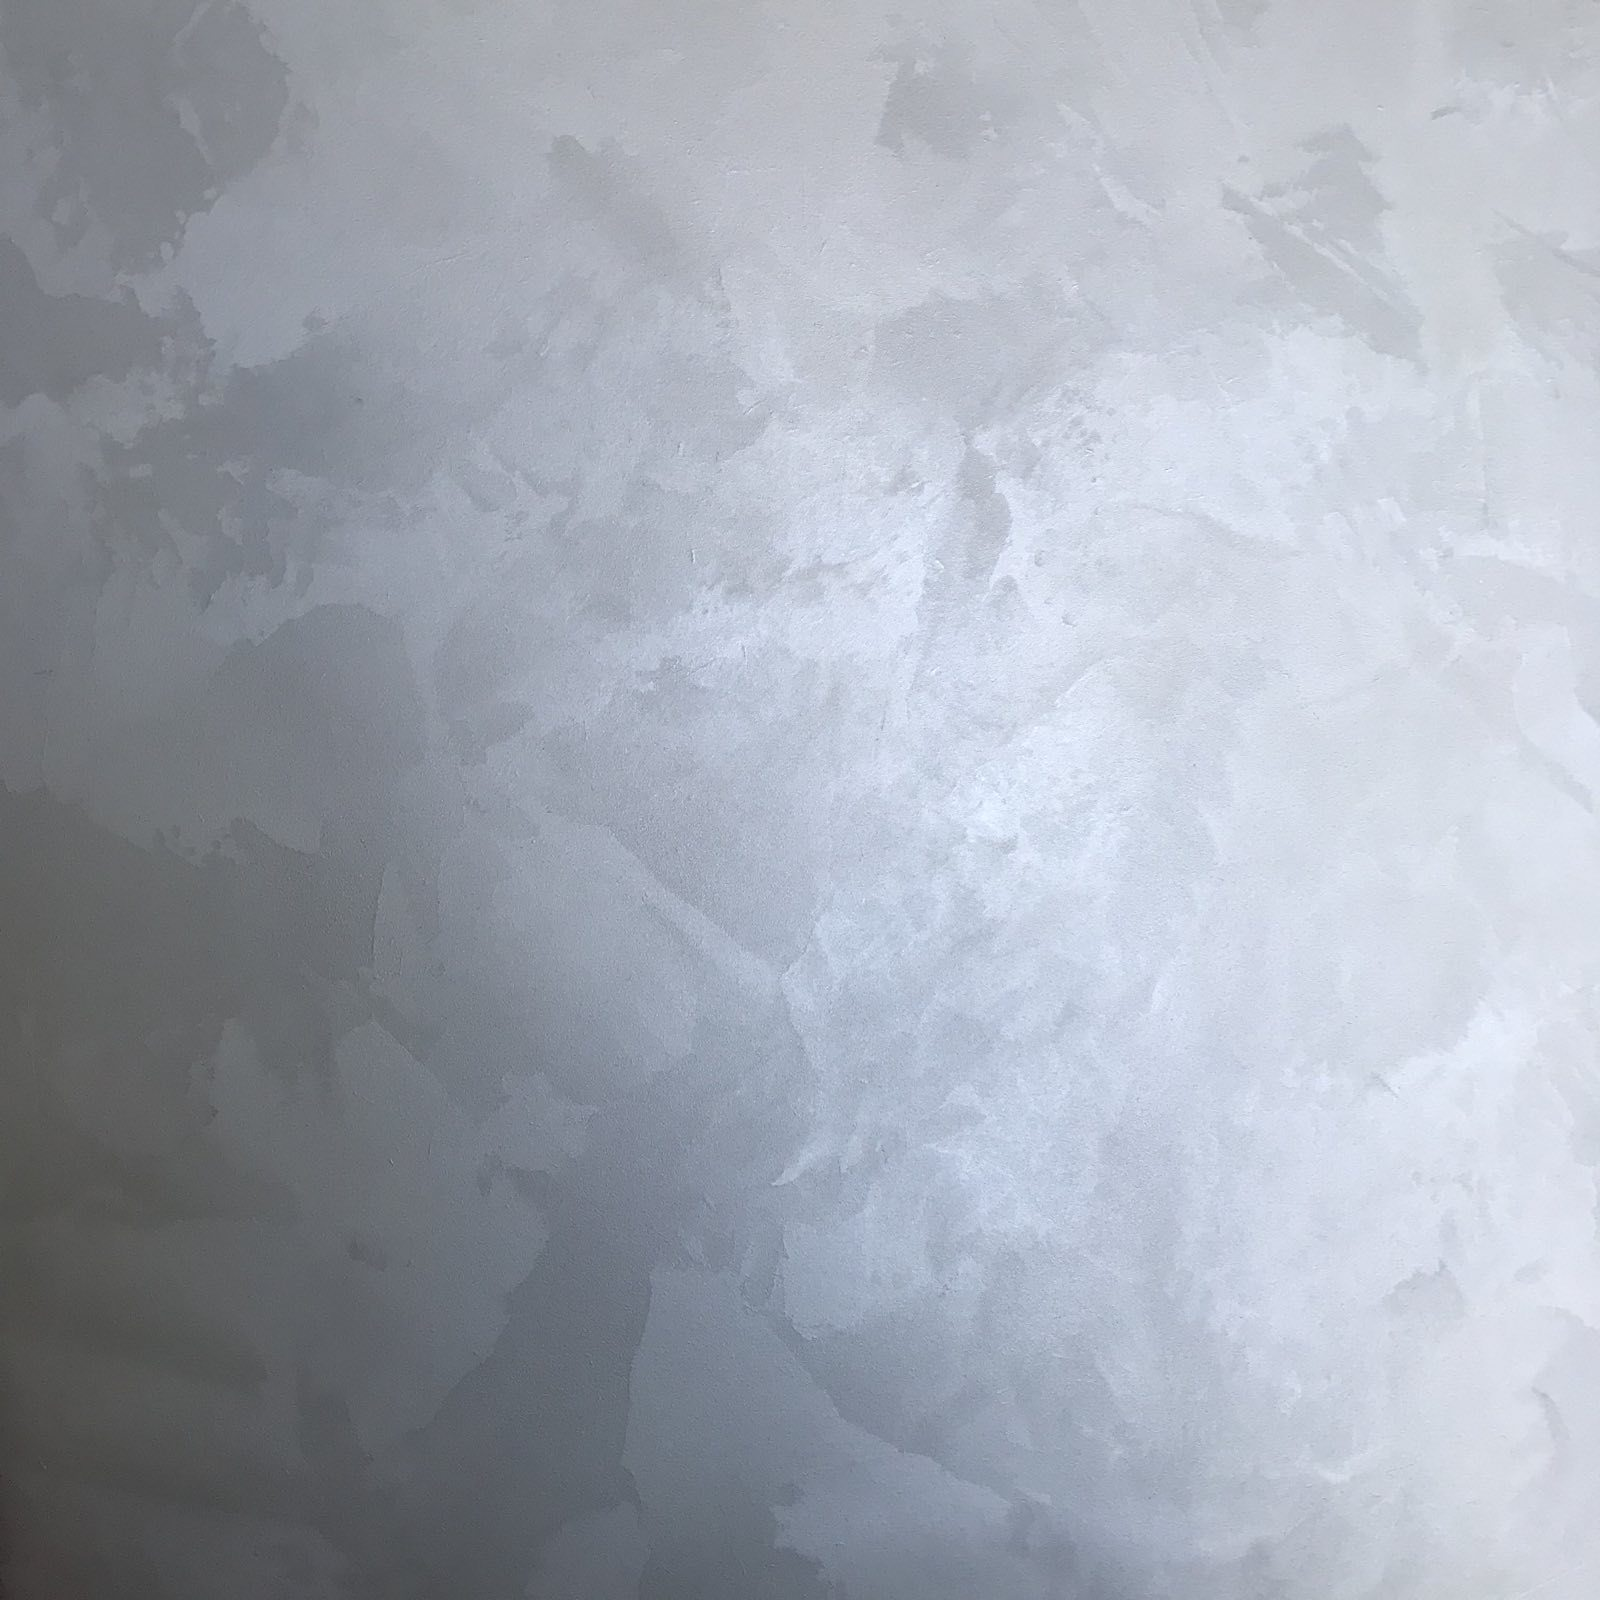 декоративная штукатурка мокрый шелк минск